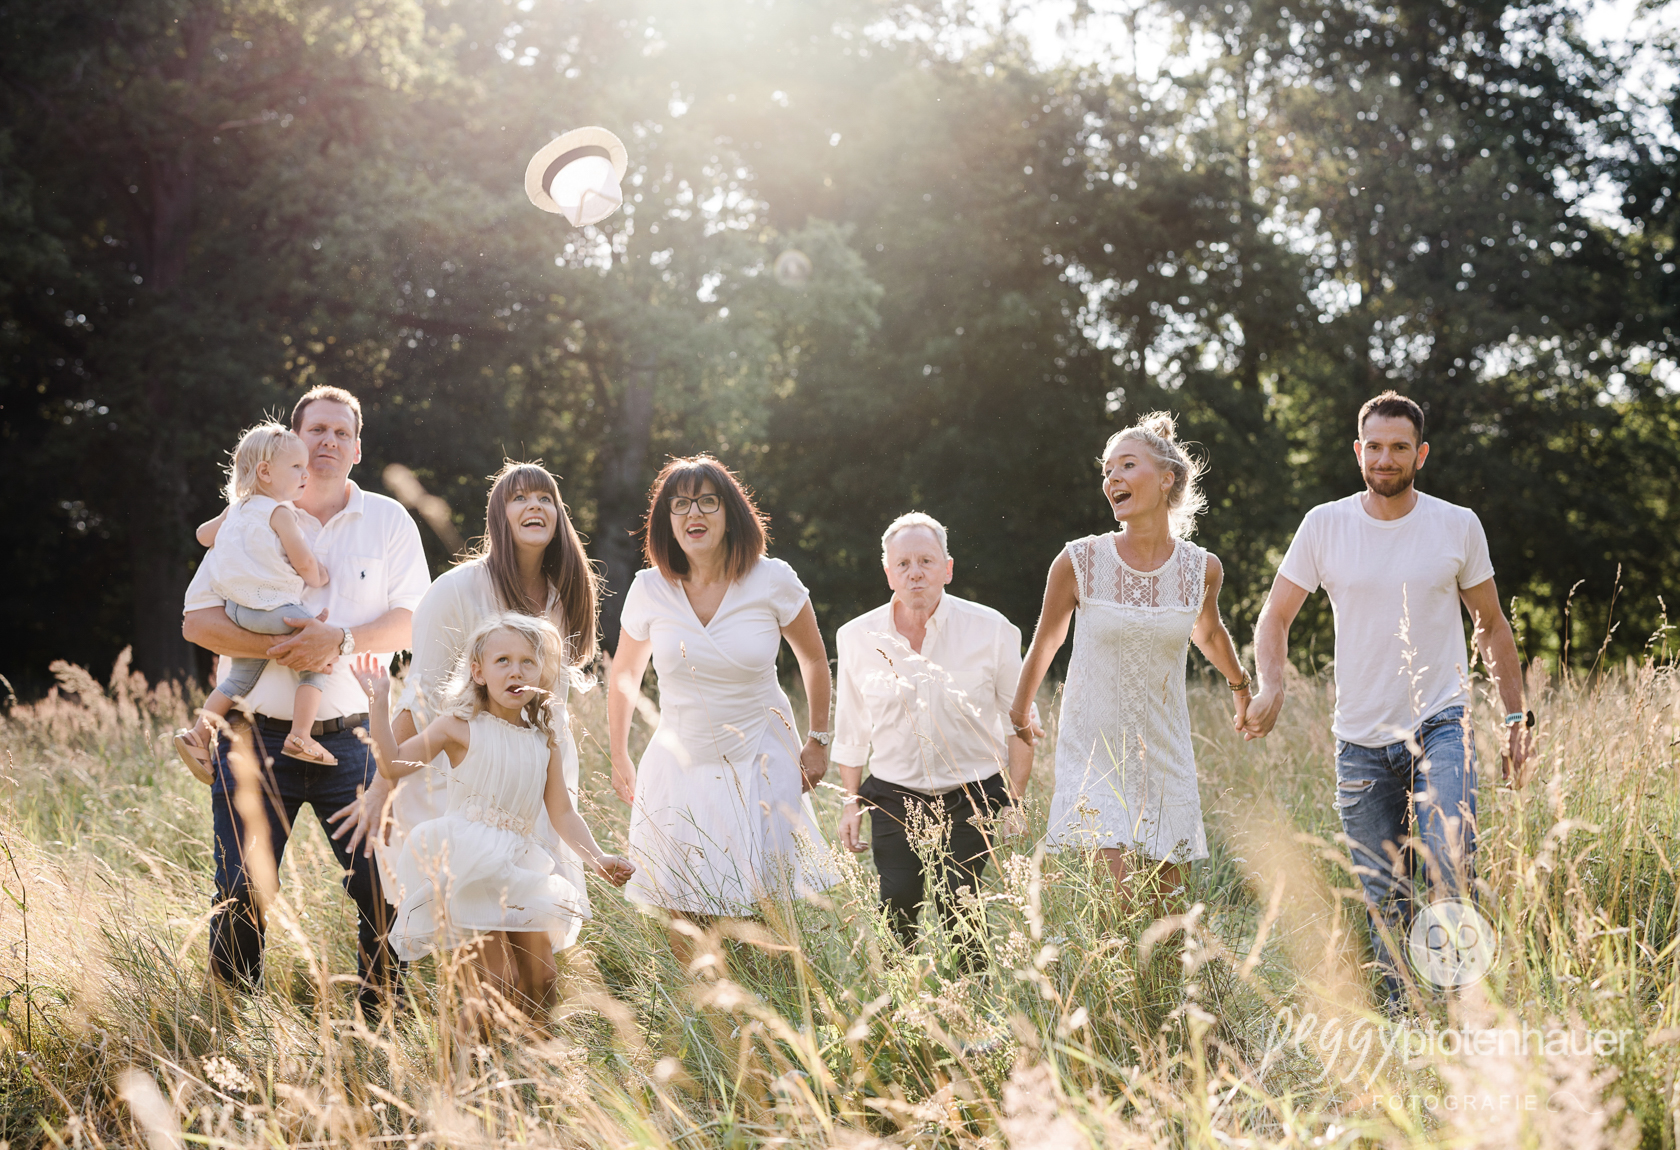 Familienfotos mit Oma und Opa